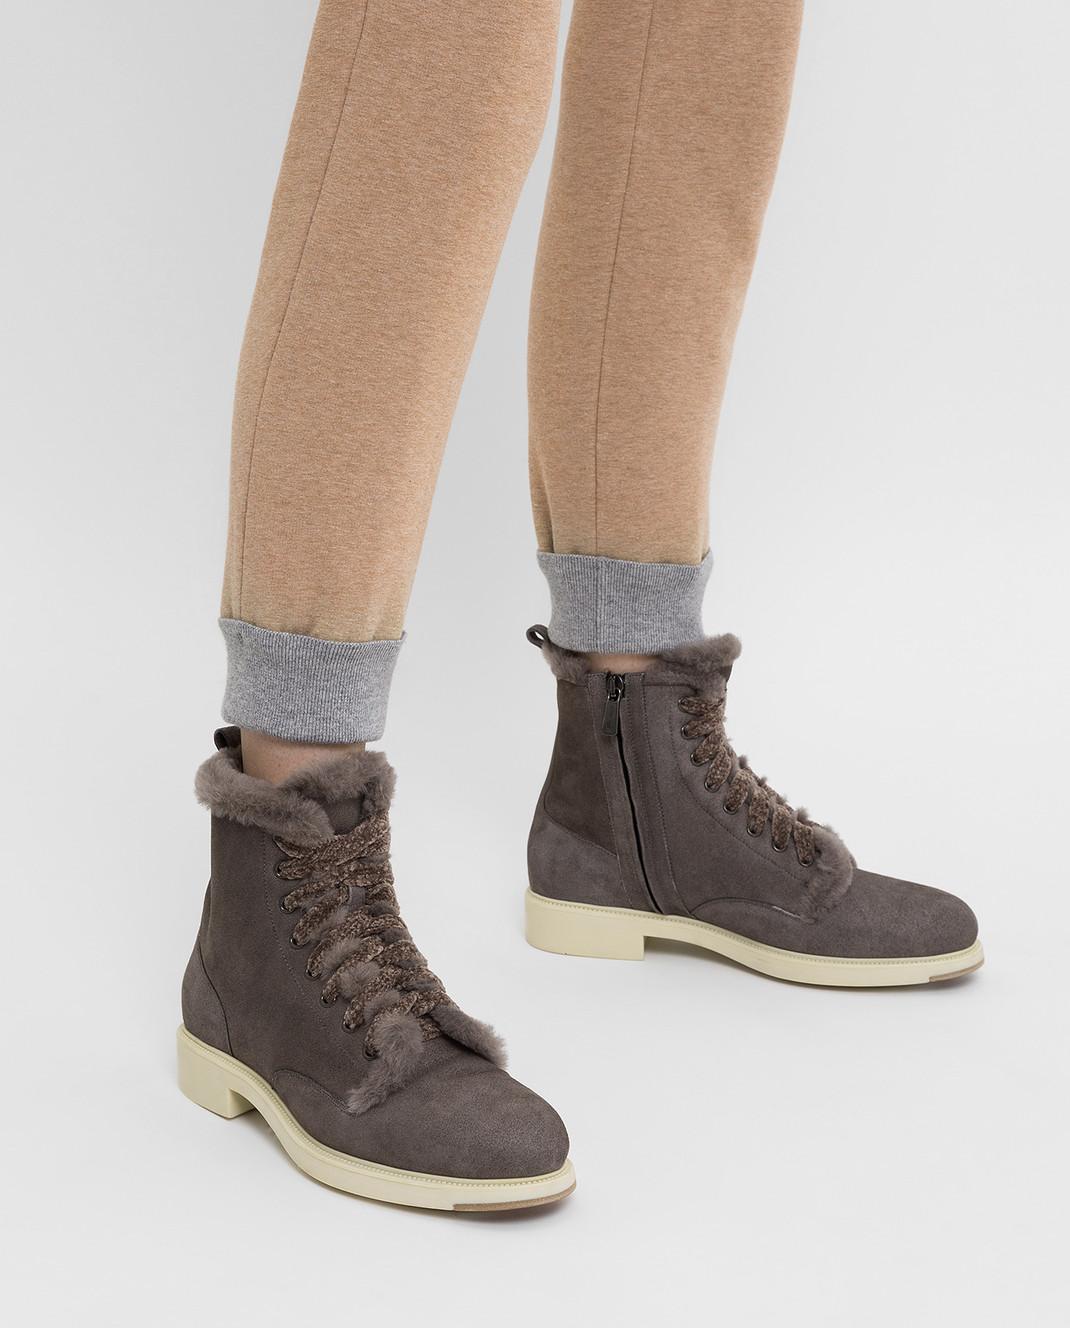 Santoni Темно-серые замшевые ботинки на меху WTEK58384SCOAEYT изображение 2